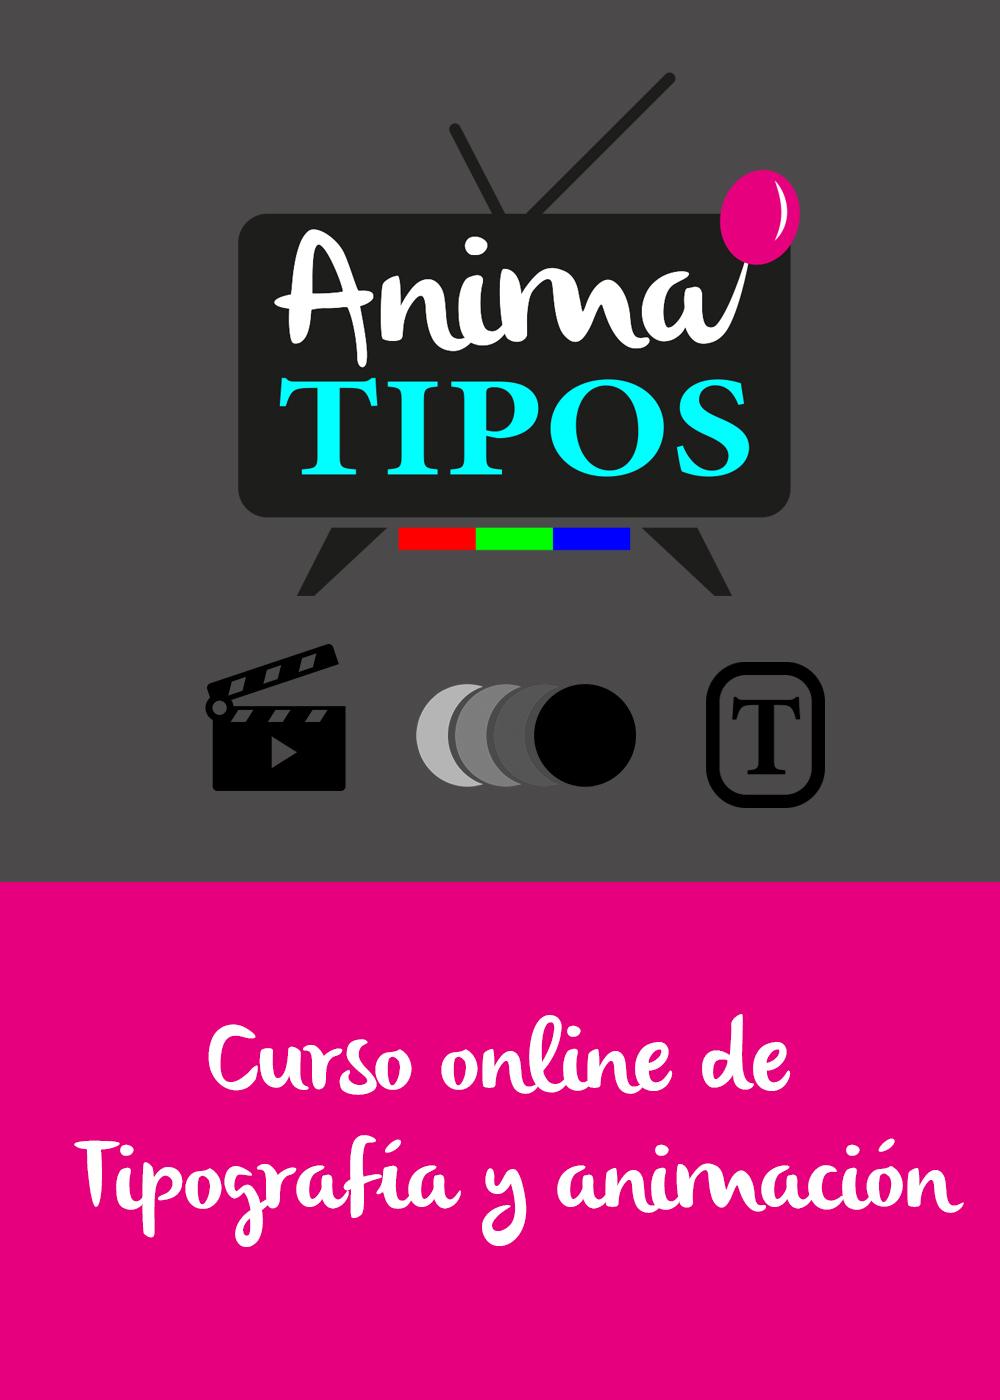 Curso online de Tipografía y animación Anima TIPOS - Kichink - Angel Decuir